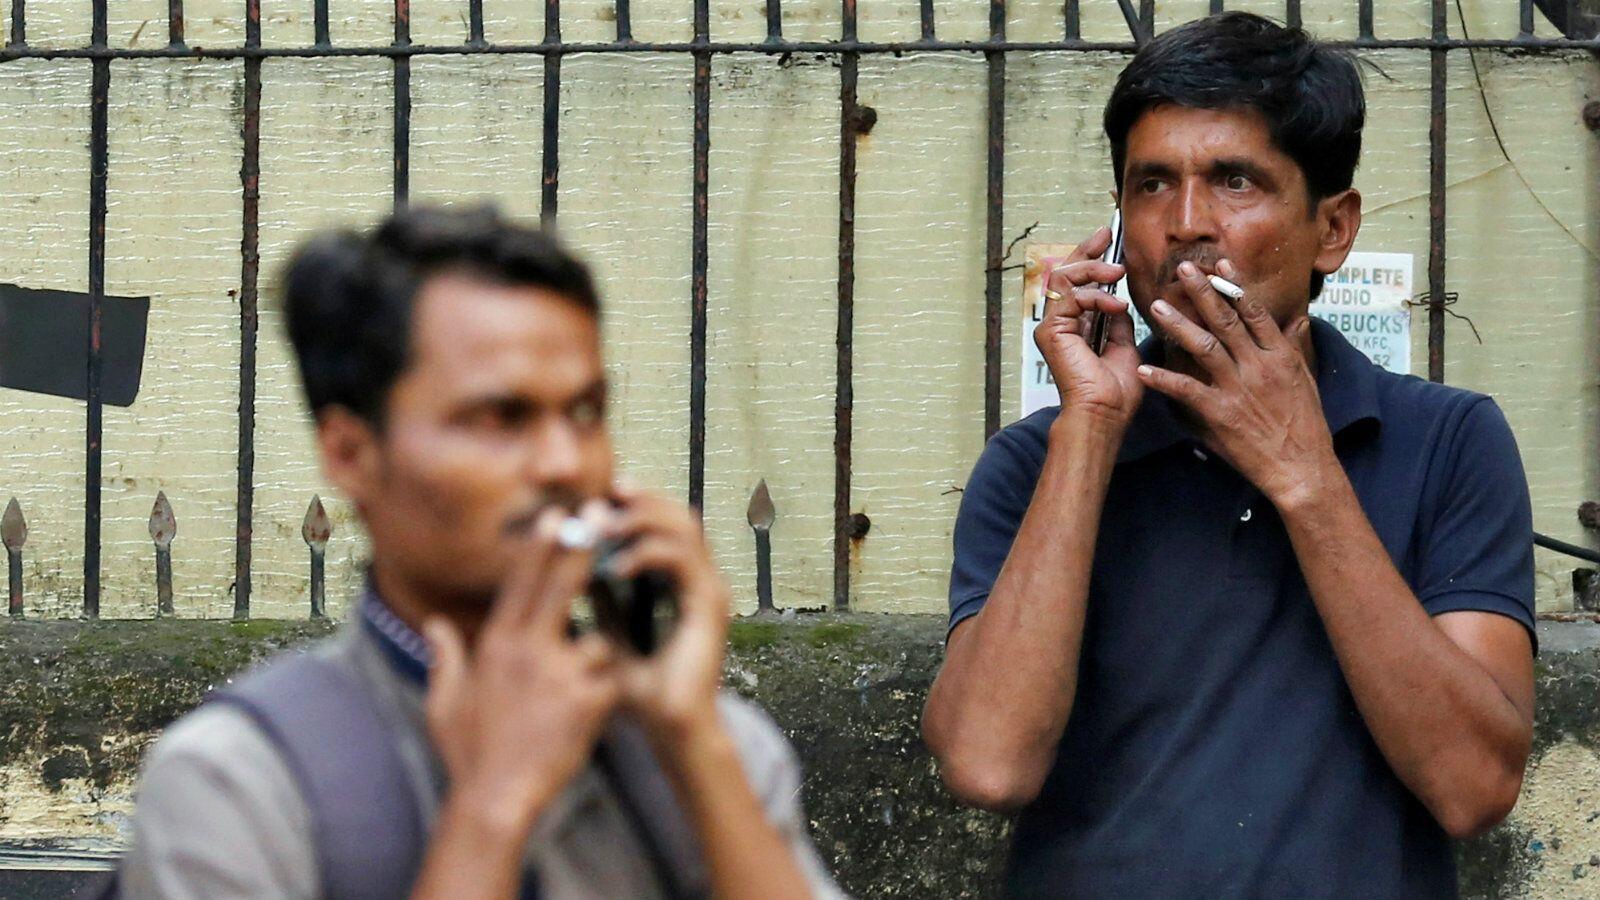 印度每年有90万人因吸烟成瘾而死亡